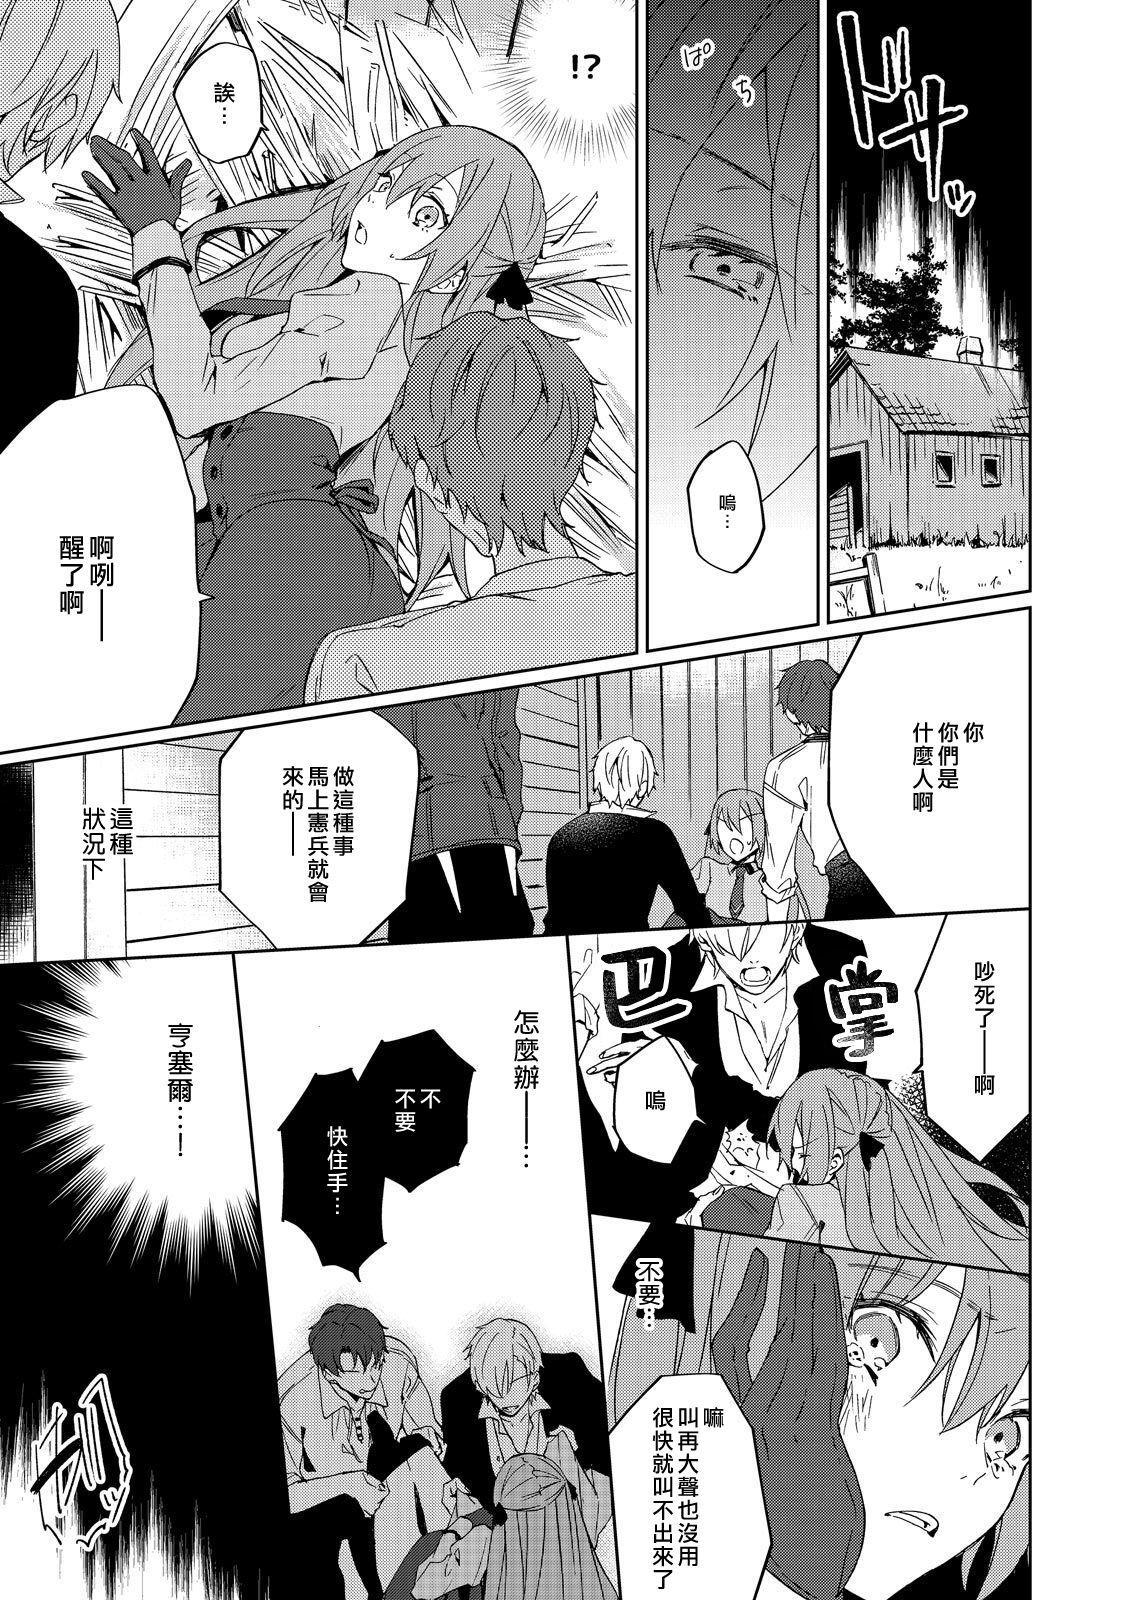 [Yuzushiwo] Akuyaku Reijou wa Ichizu ni Dekiai sarete ~Noumitsu Sex no Aite wa Juuboku~ | 被疯狂溺爱的反派大小姐~浓密性爱对象是仆从~ 1-4 [Chinese] [莉赛特汉化组] 69